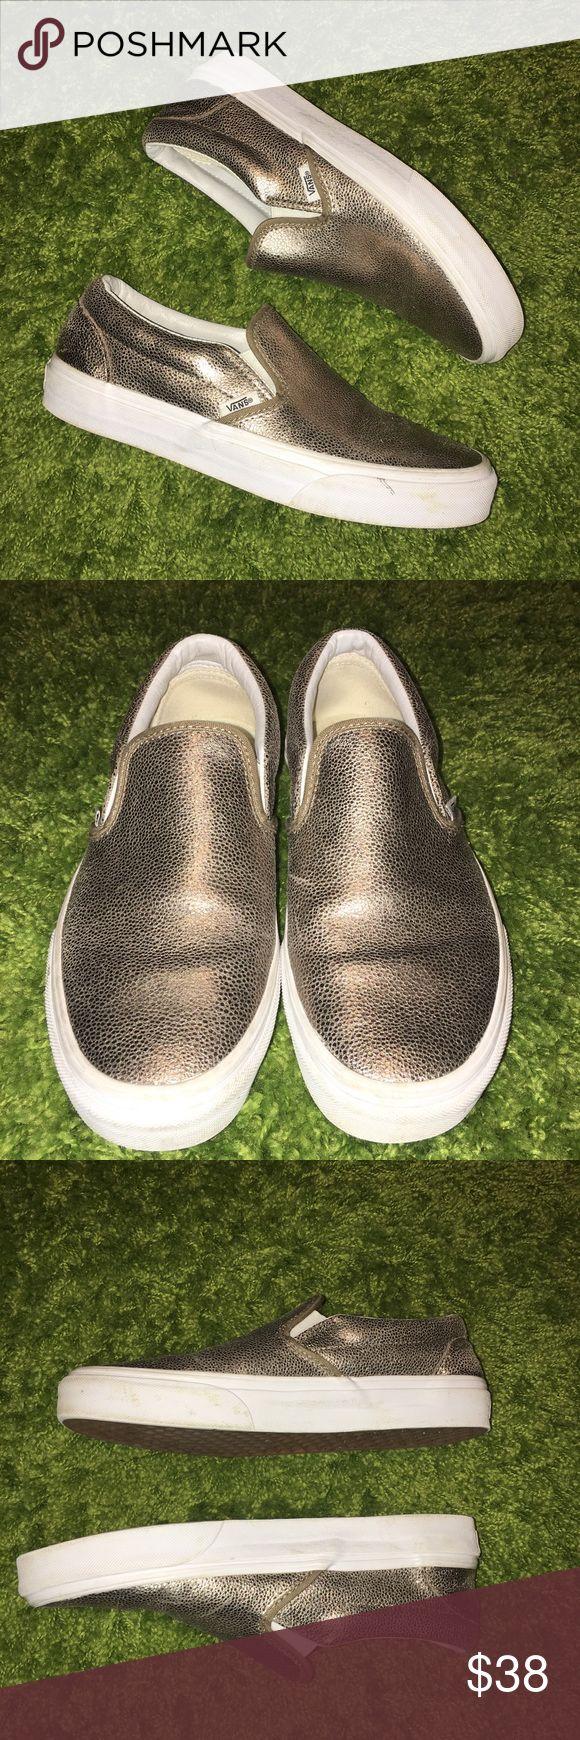 🚨SALE🚨Vans Slip On Sneakers Gold Vans Slip On Sneakers. Metallic Gold. Women's size 9. Shoes have been Worn lightly. Vans Shoes Sneakers